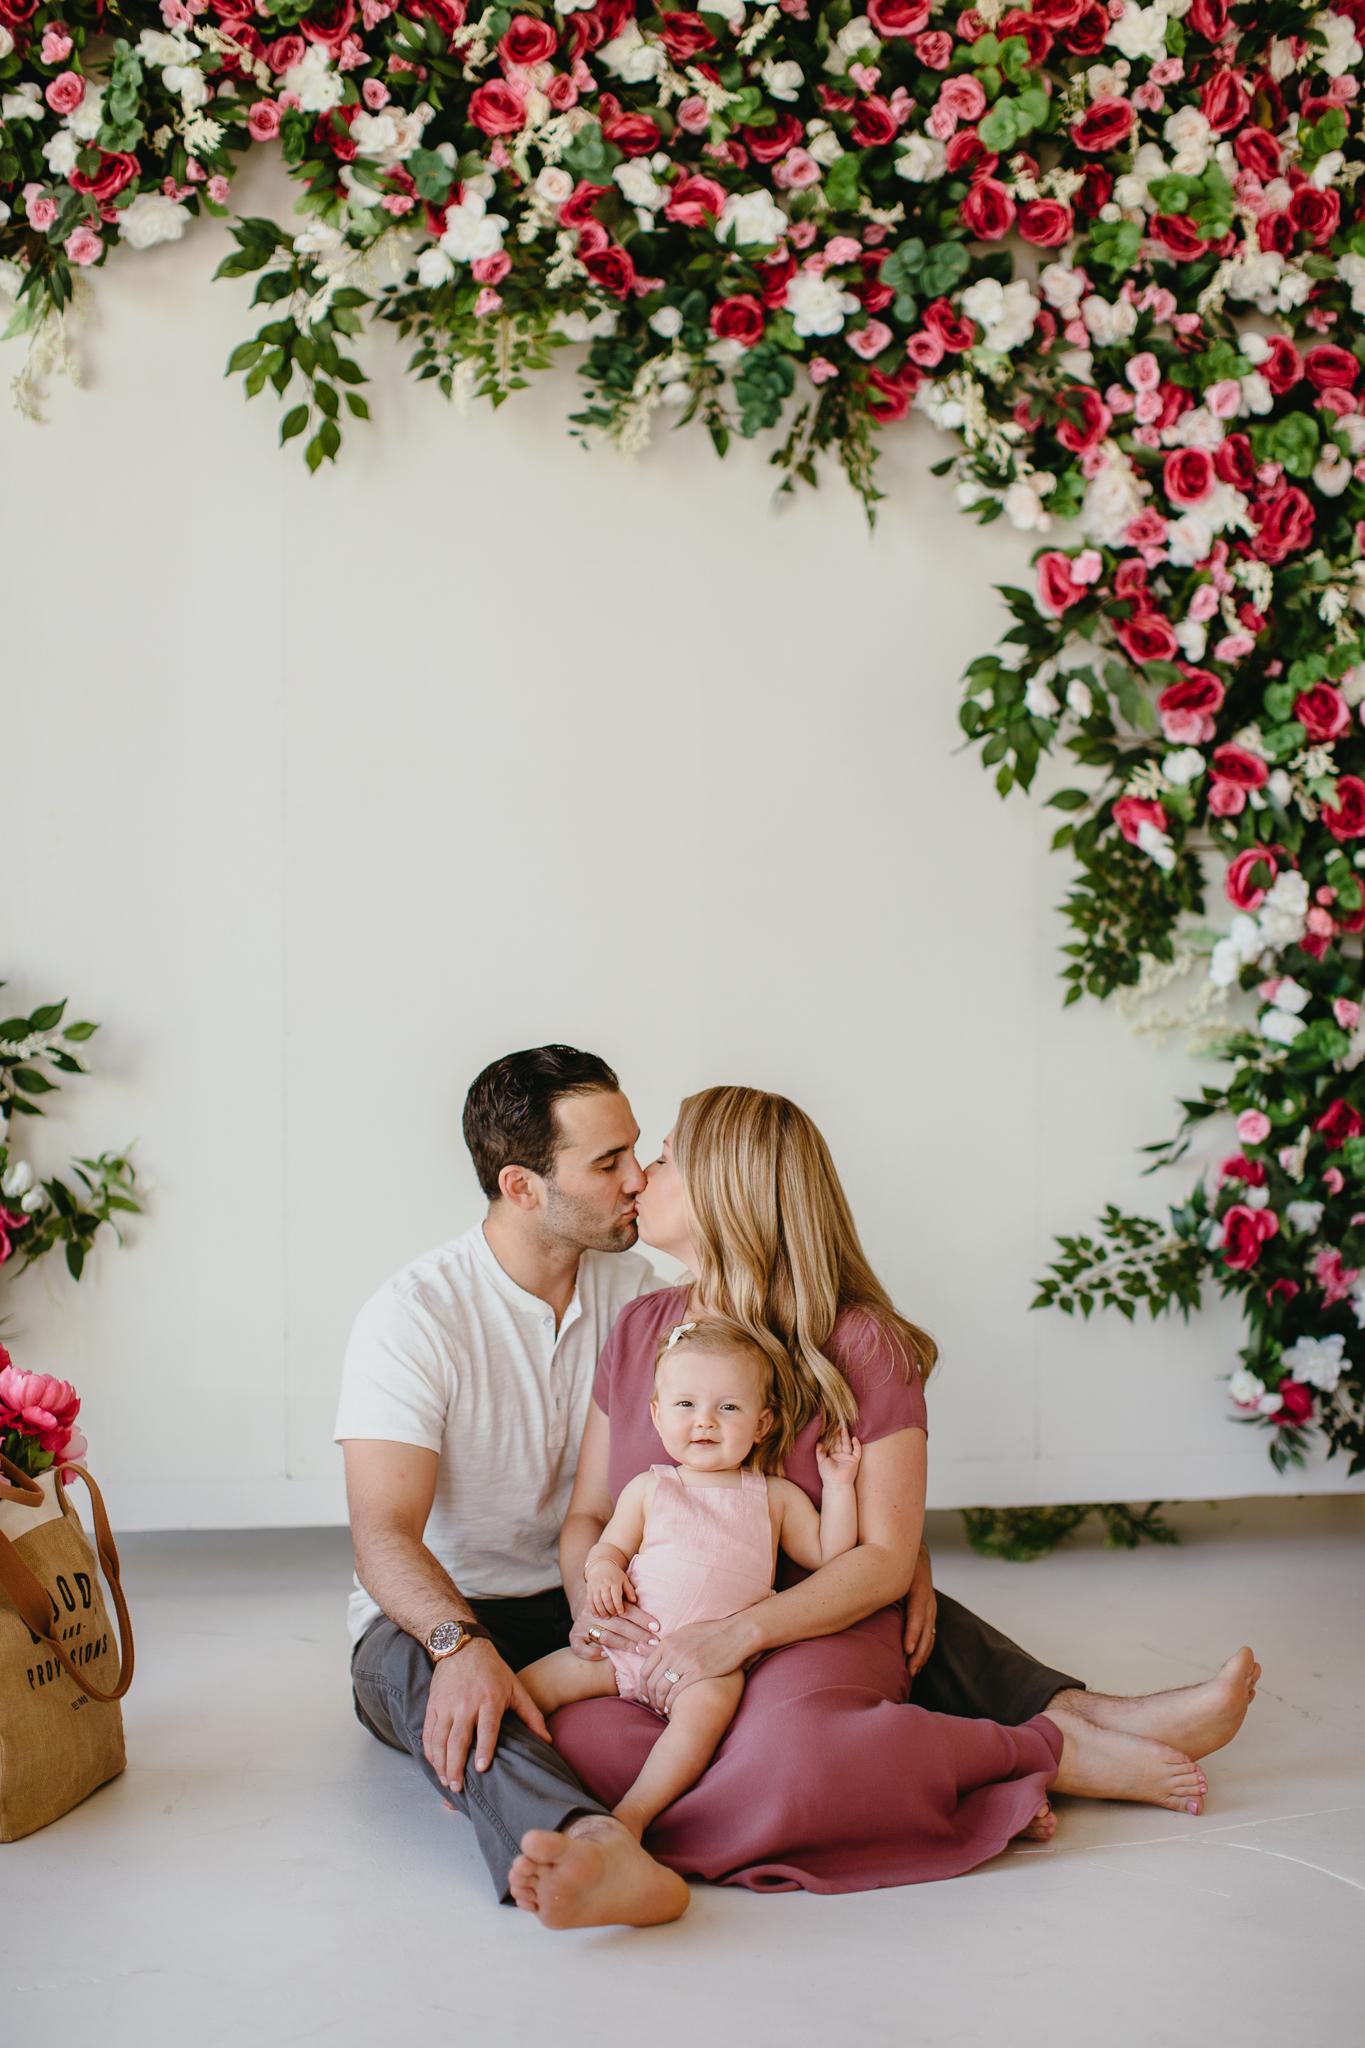 denver-family-photographer-photo-studio-3.jpg